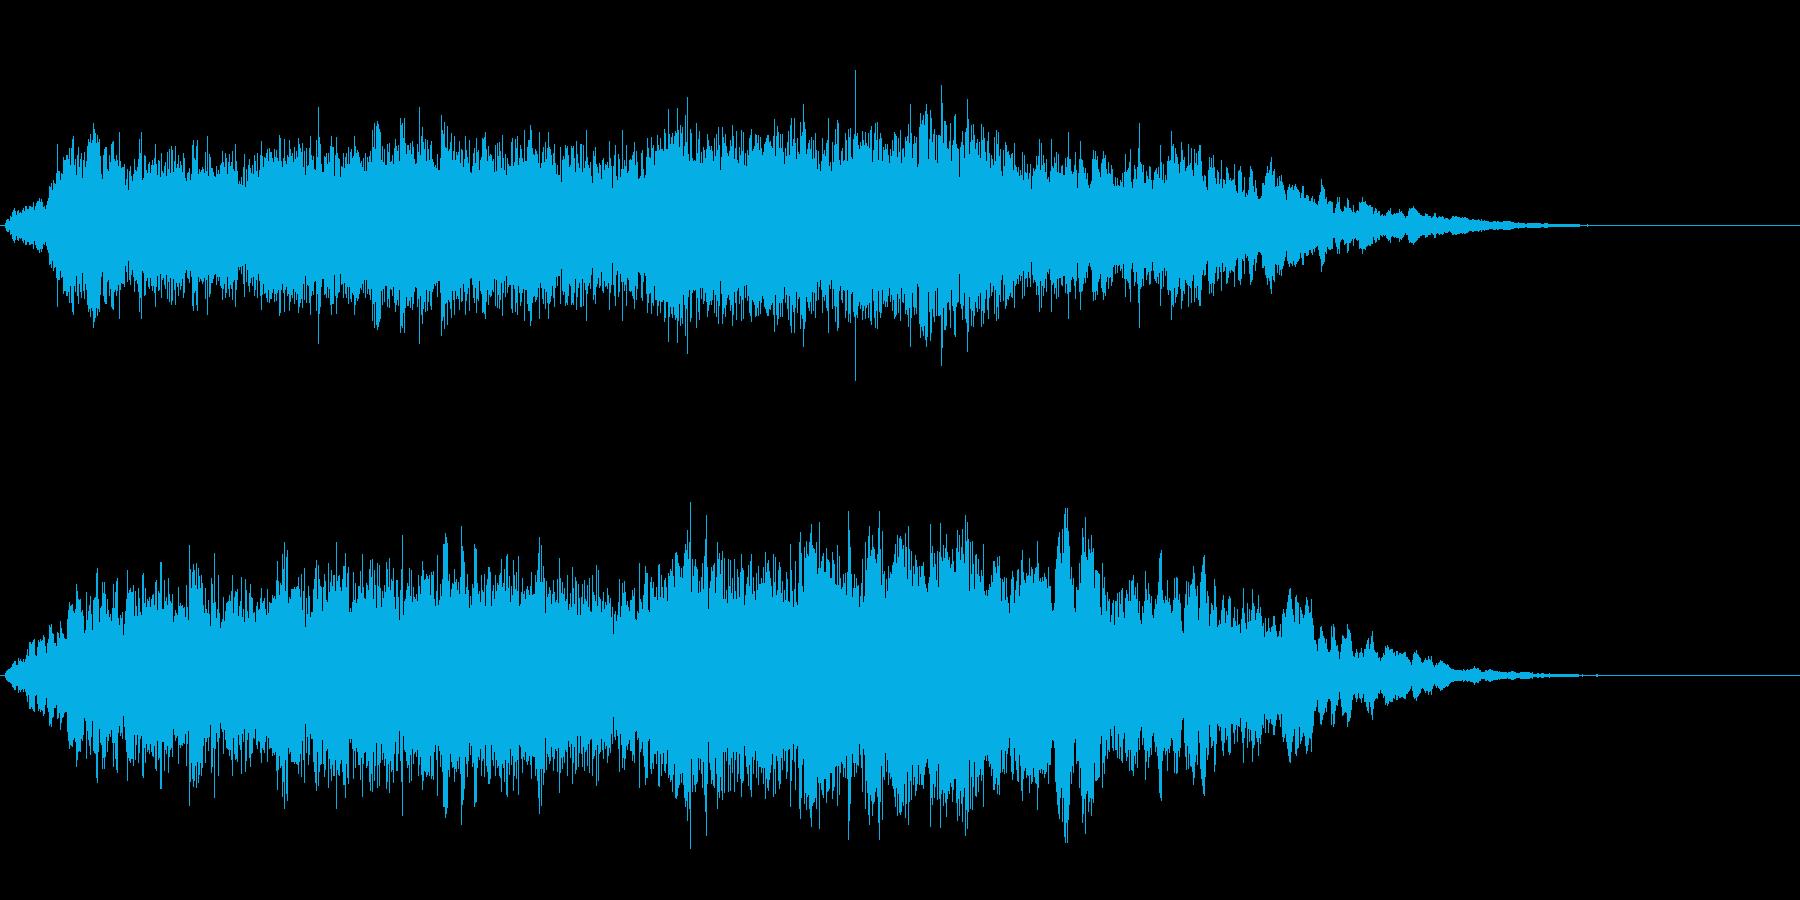 Dark_ホラーで怪しく神秘的-02の再生済みの波形